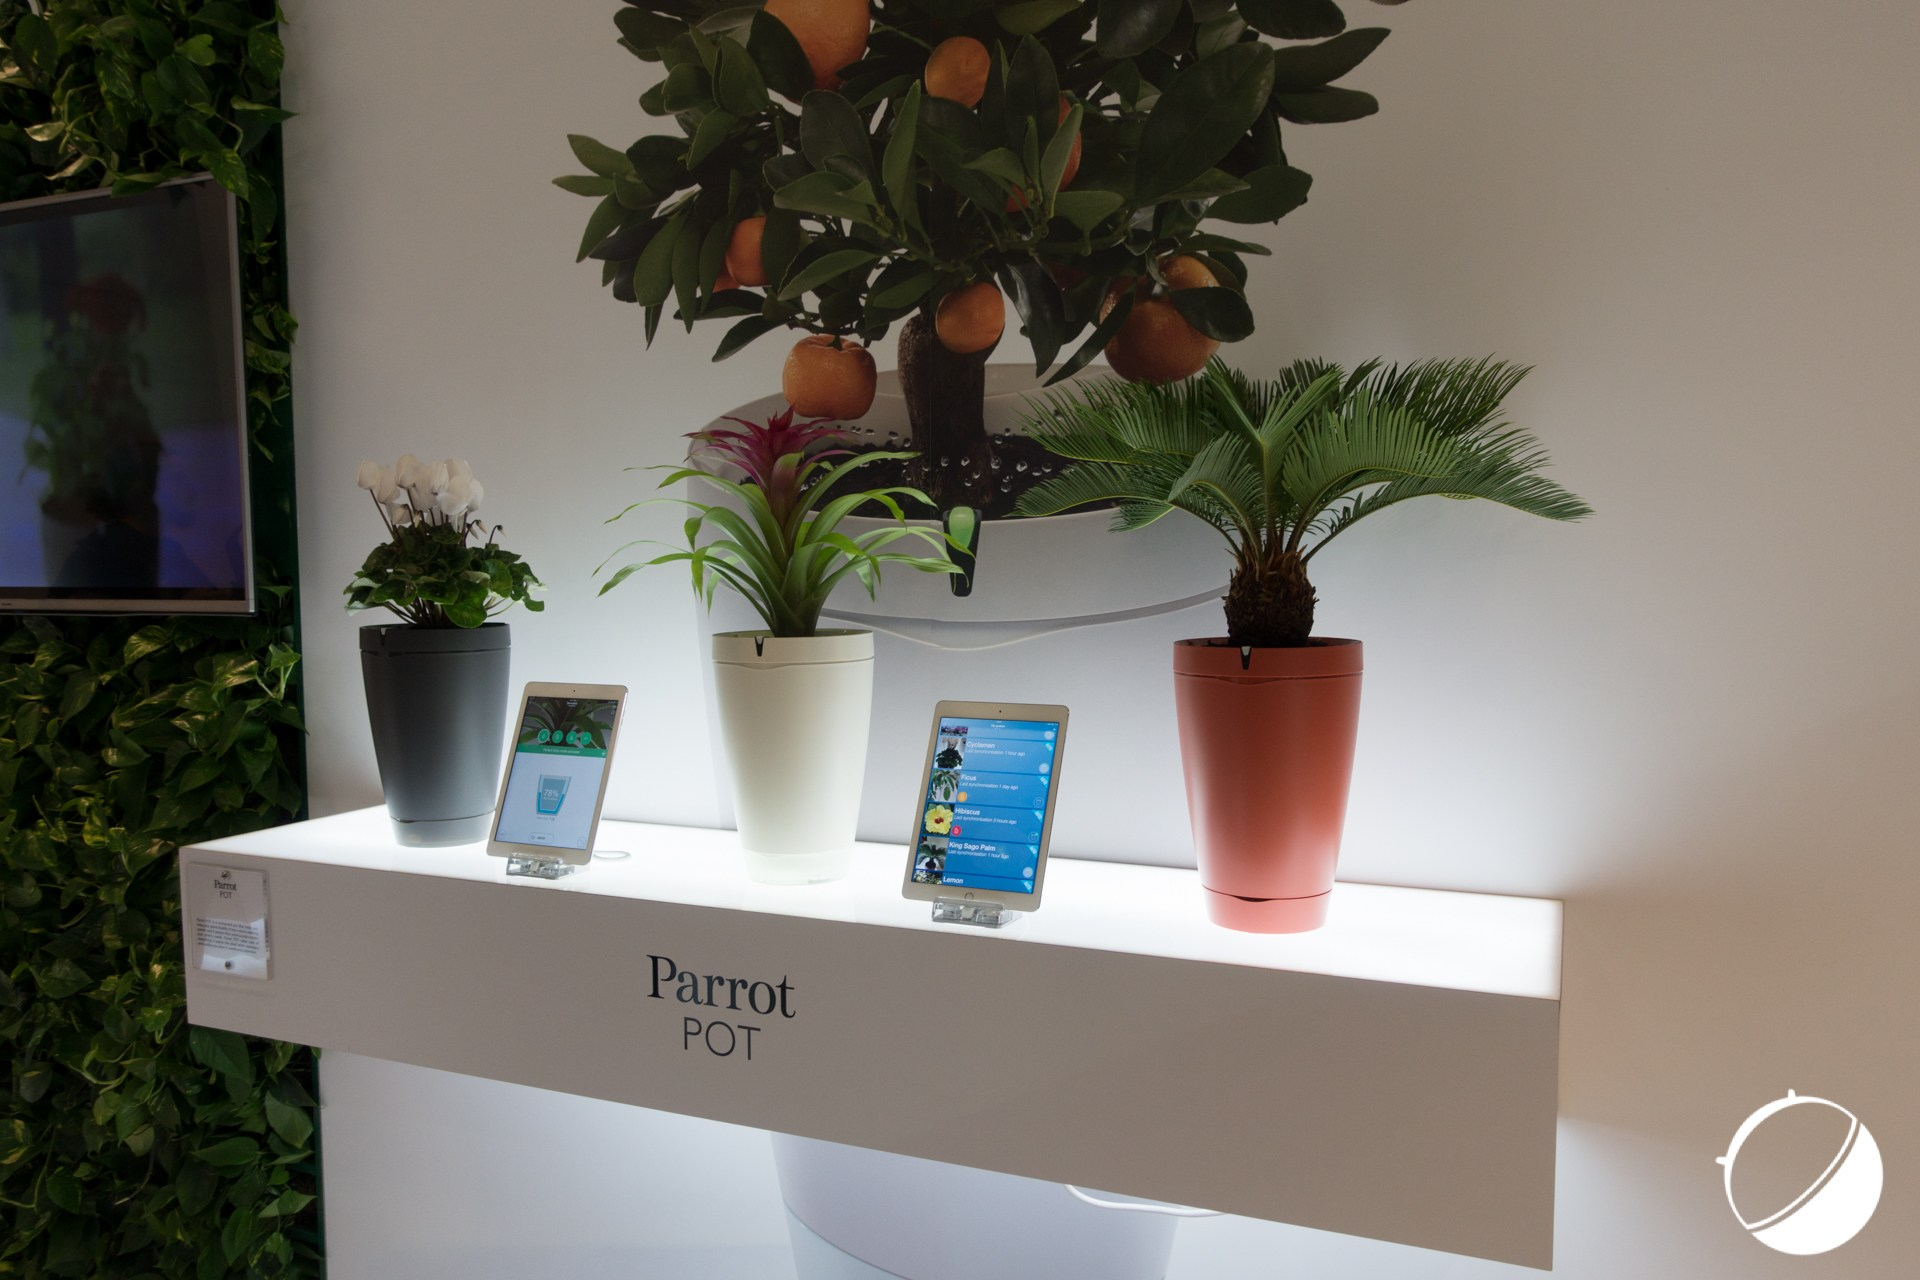 IFA 2016 : 1 an et 9 mois plus tard, Parrot commercialise enfin son Pot